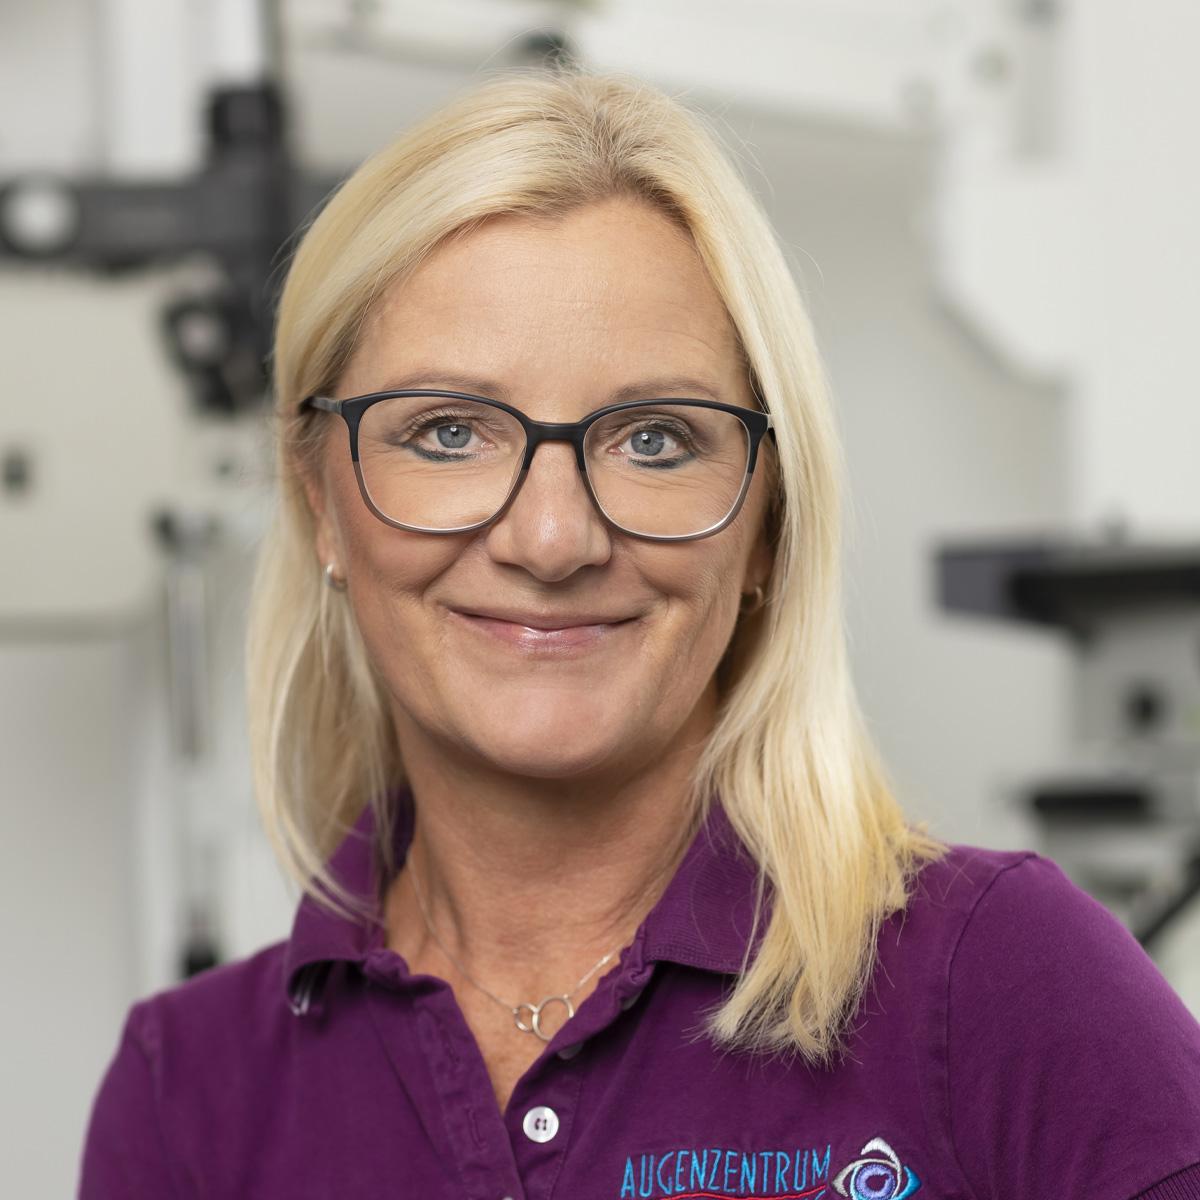 Sonja Siewert-Knaus